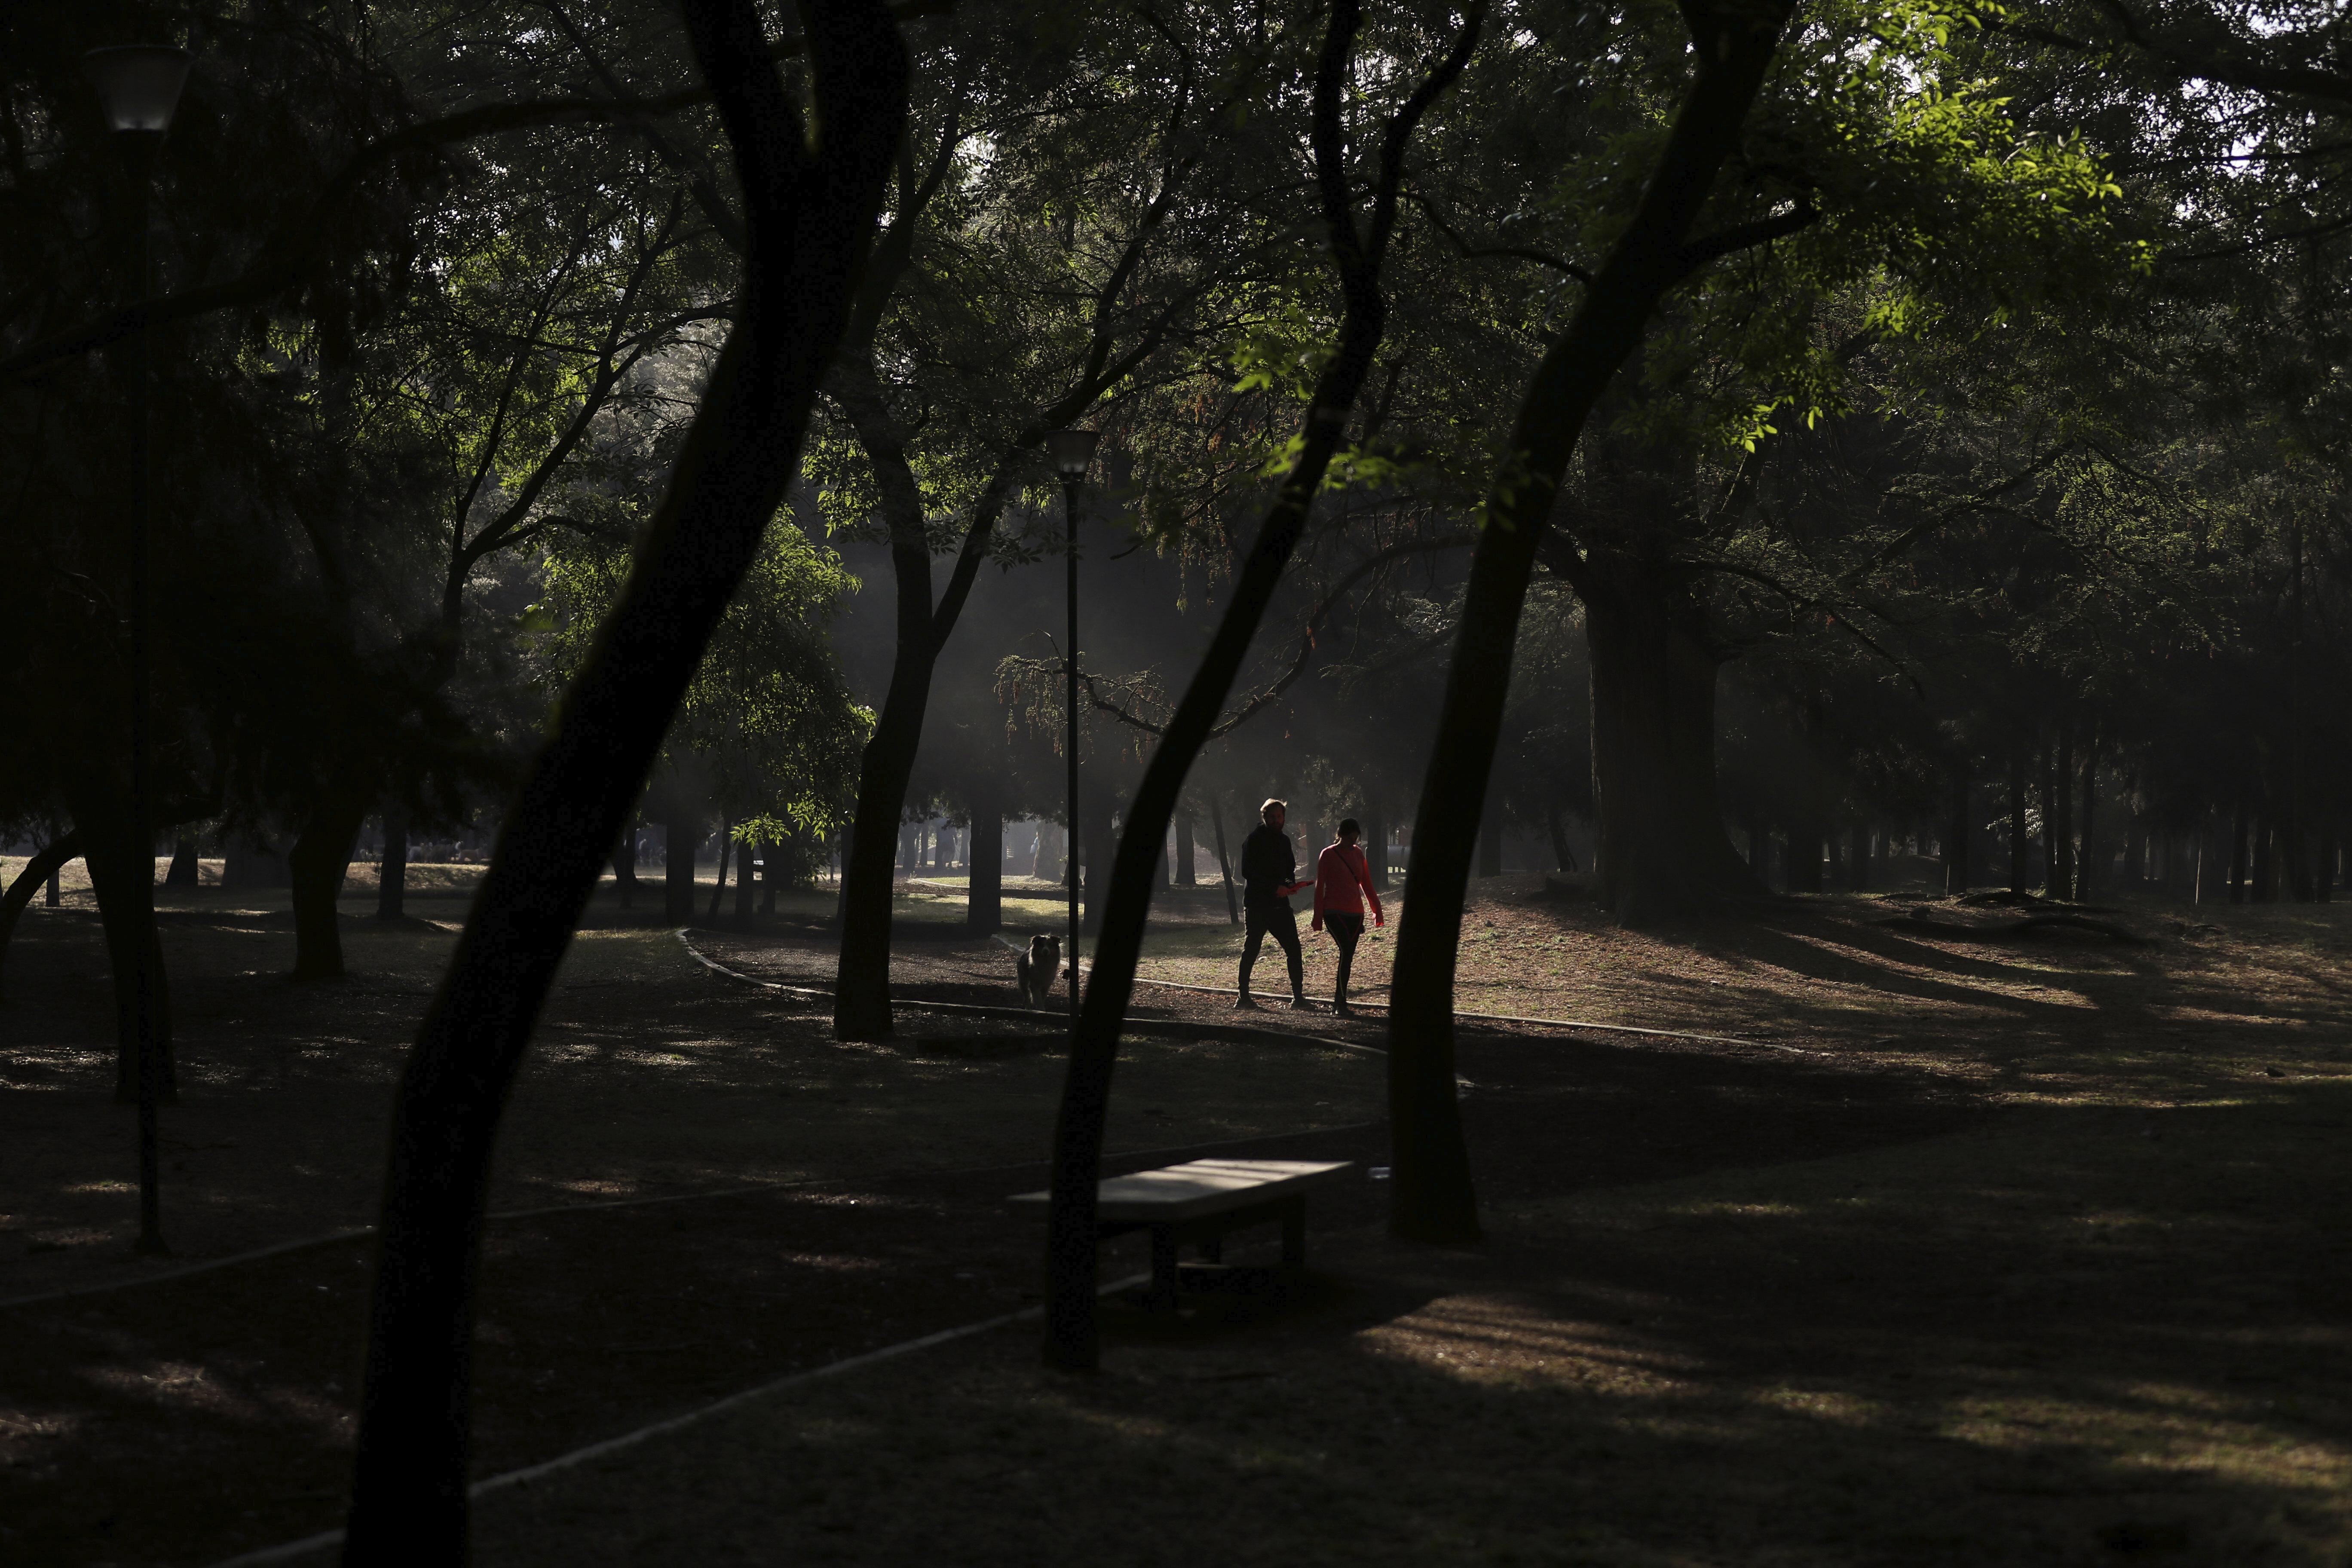 Una pareja trota en el parque Chapultepec de la Ciudad de México, el domingo 22 de marzo de 2020.